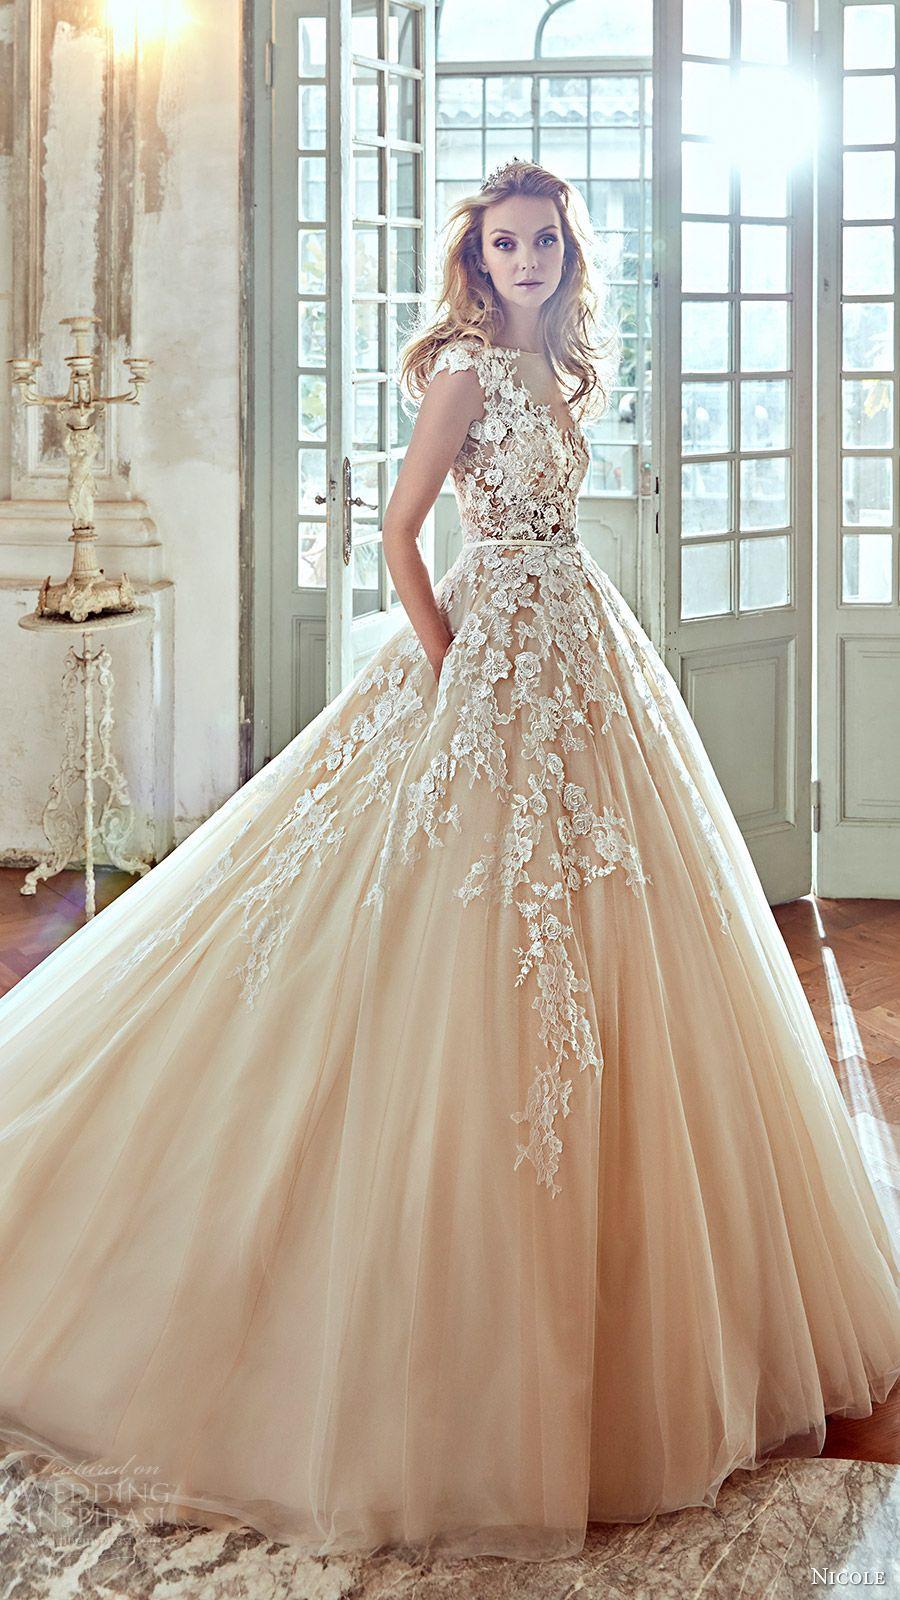 Nicole 2017 Wedding Dresses Wedding Inspirasi Ball Gowns Wedding Wedding Dresses 2017 Wedding Dresses